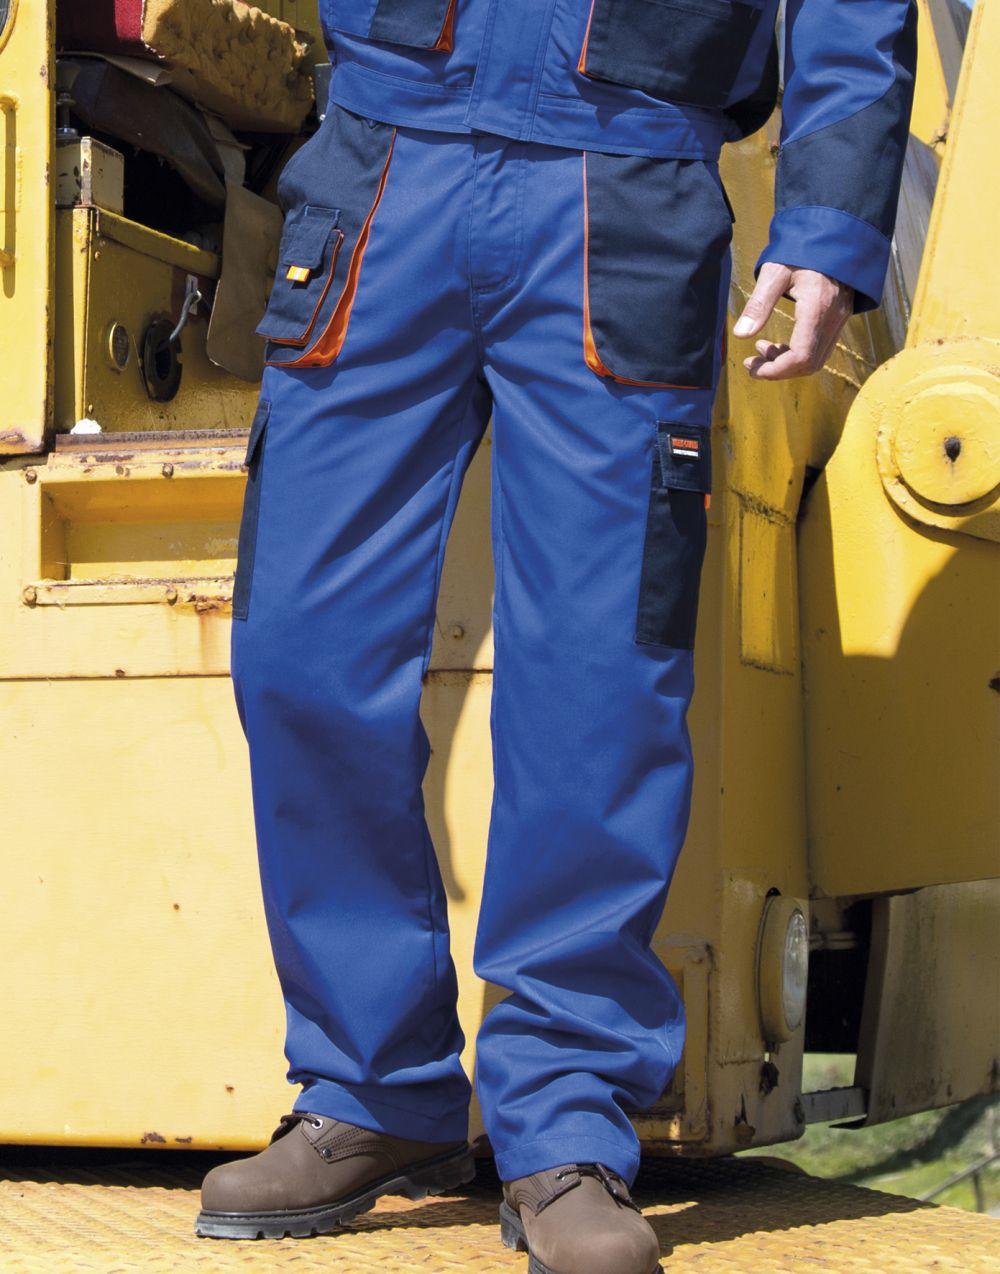 Pantalones de trabajo result lite imagen 3